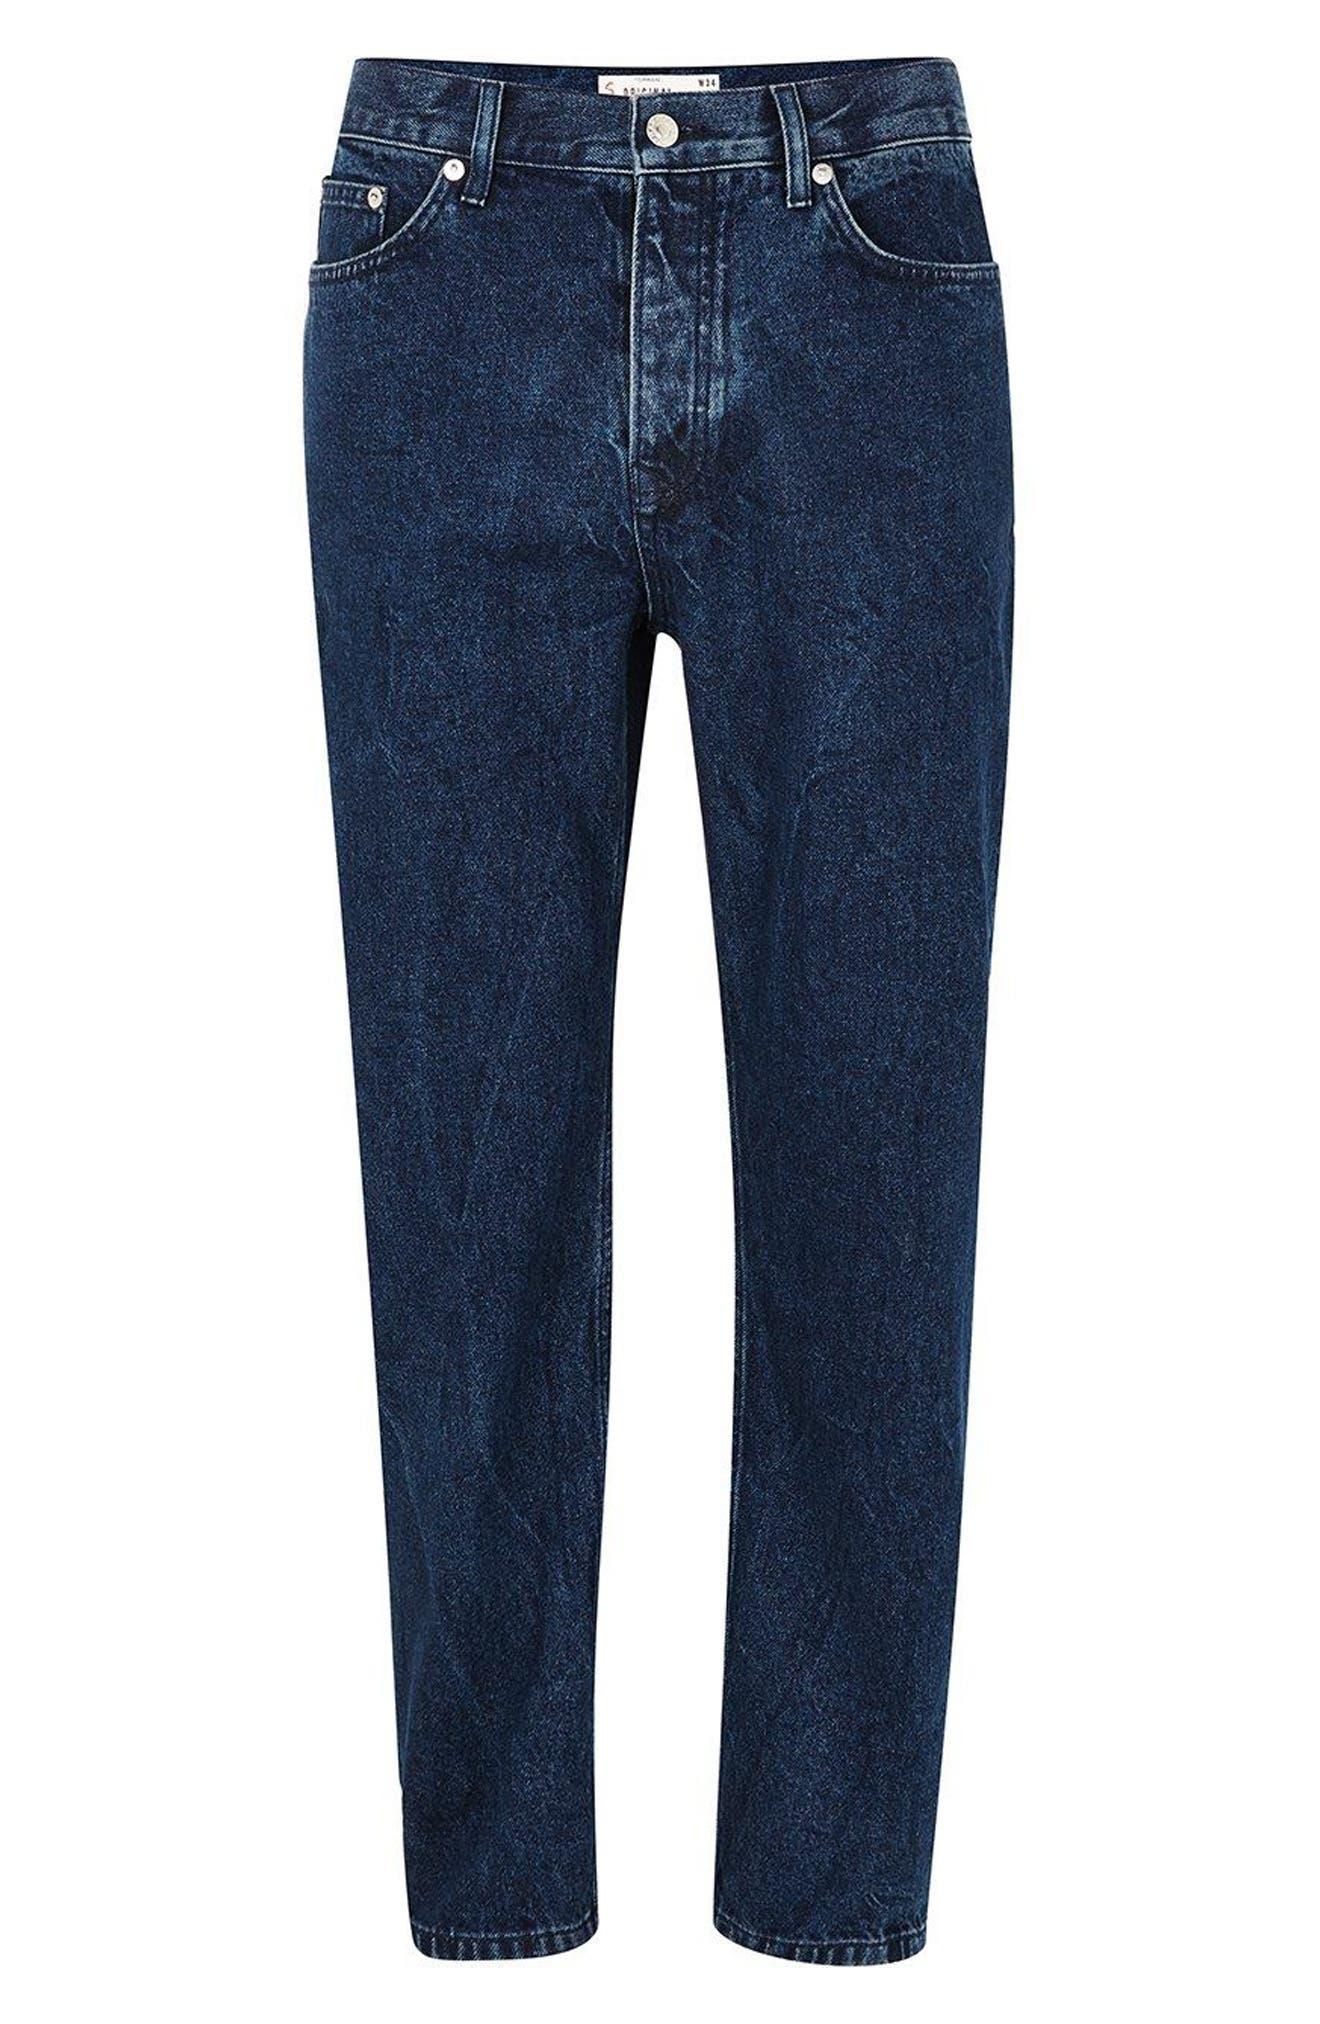 Original Fit Jeans,                             Alternate thumbnail 4, color,                             BLUE